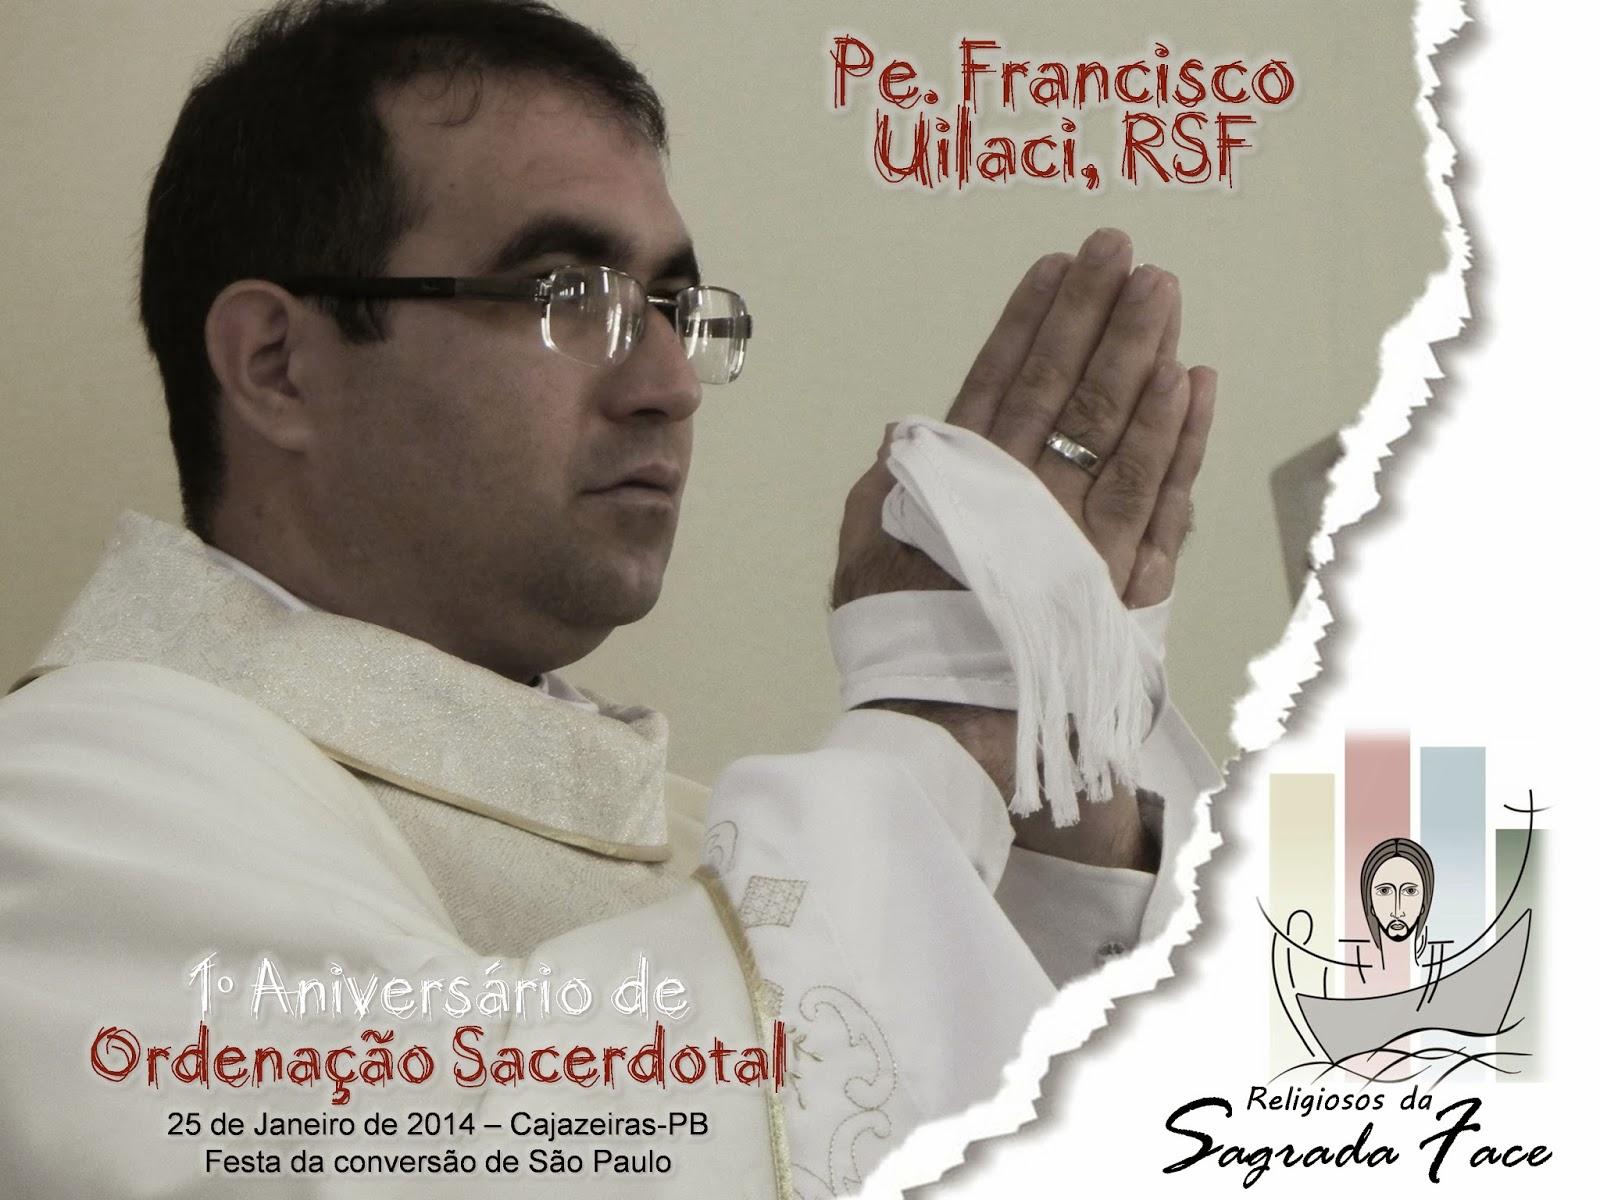 RELIGIOSO DA SAGRADA FACE